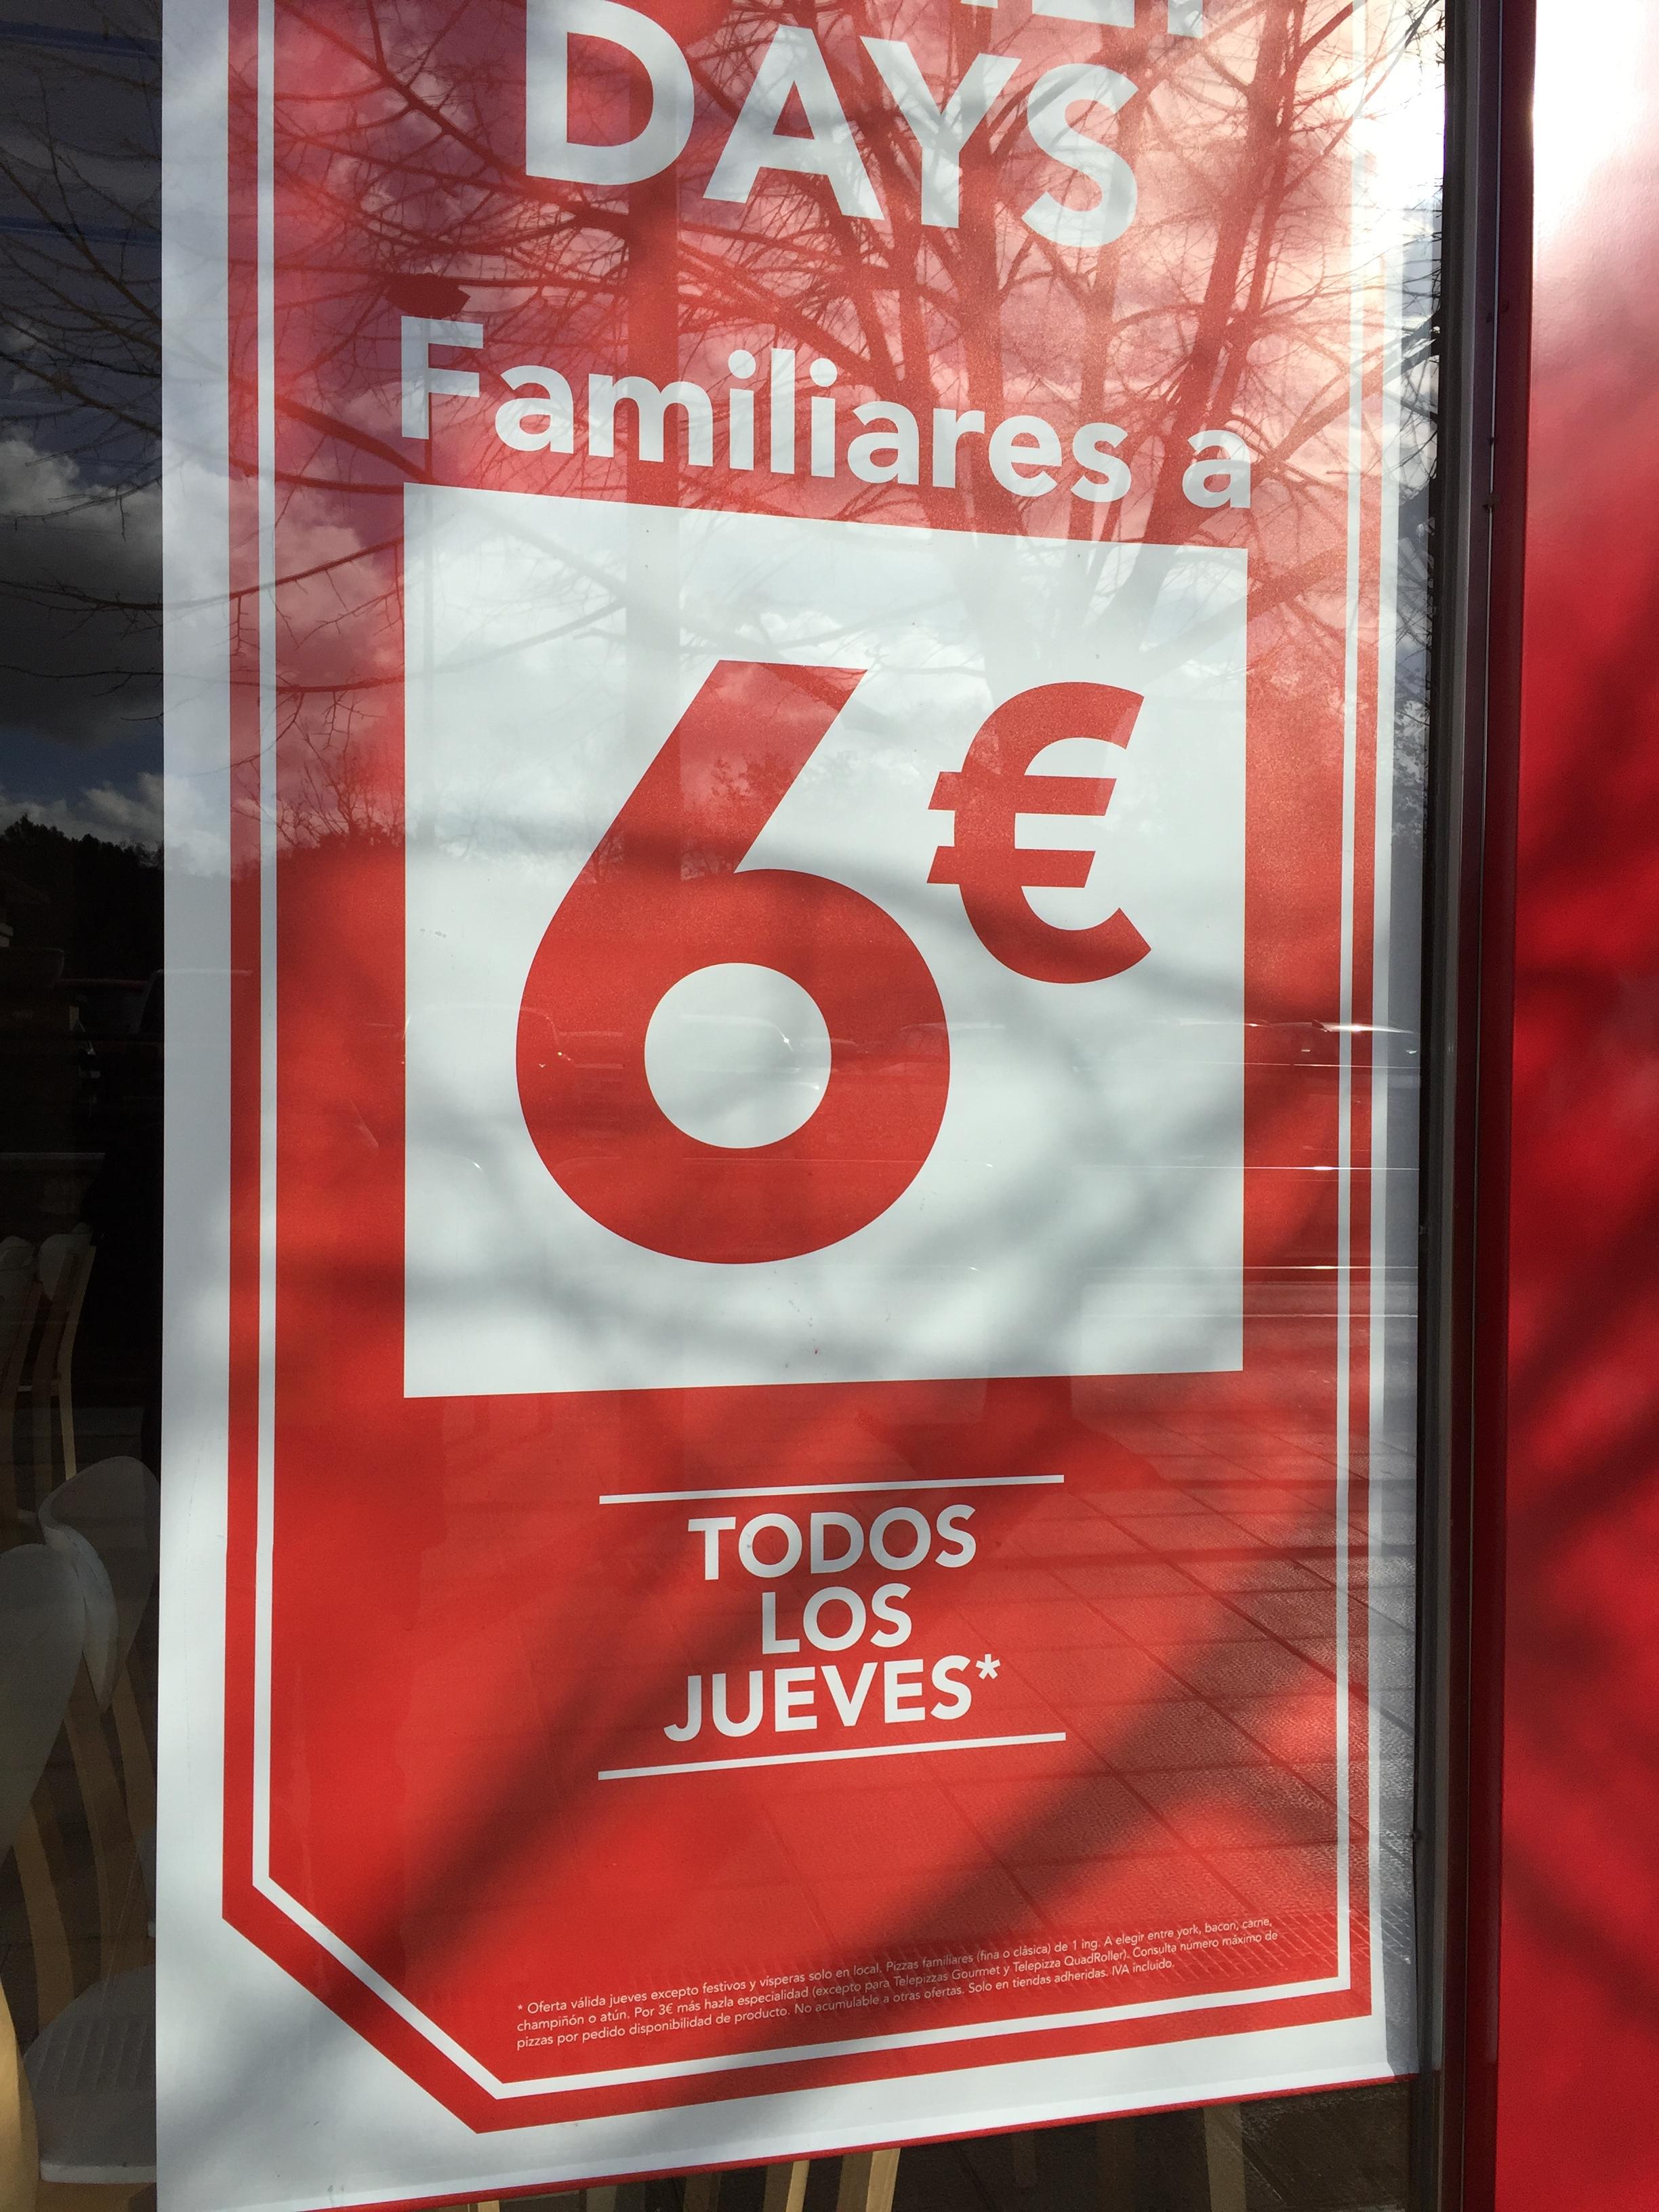 Family days todos los jueves en Telepizza